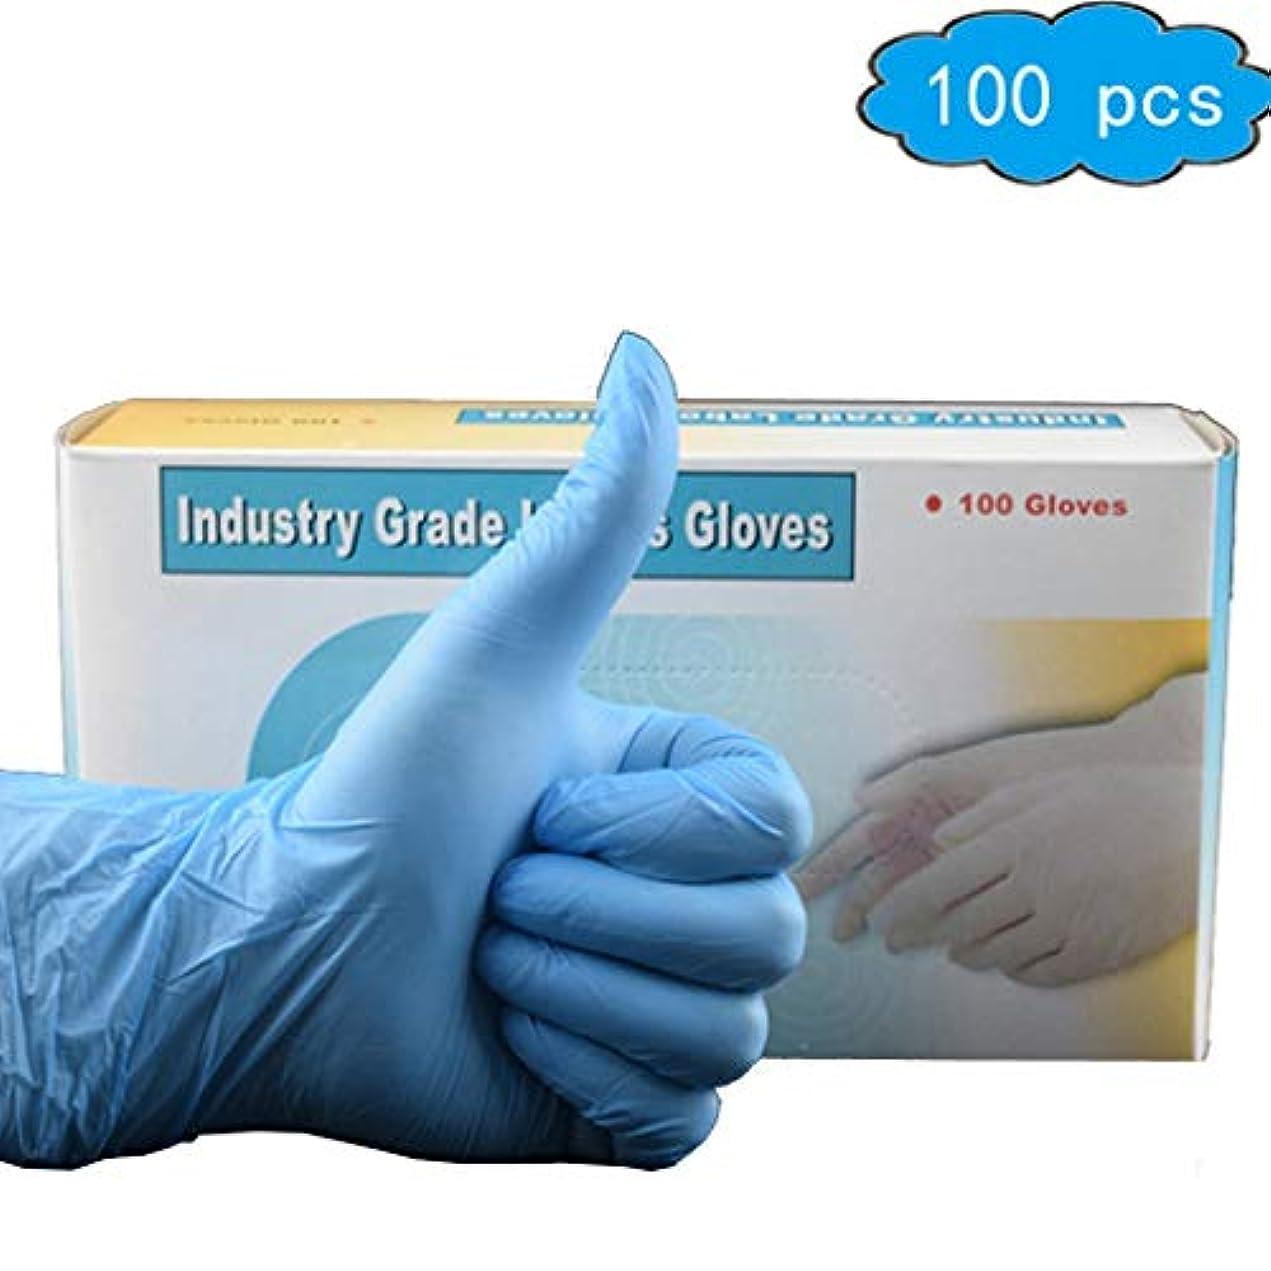 電圧ディスカウント鉄道駅使い捨て手袋、子供用使い捨て手袋、子供用ニトリル手袋 - 粉末なし、ラテックスなし、無臭、食品等級、アレルギー、質感のある指 - 100PCSブルー (Color : Blue, Size : L)